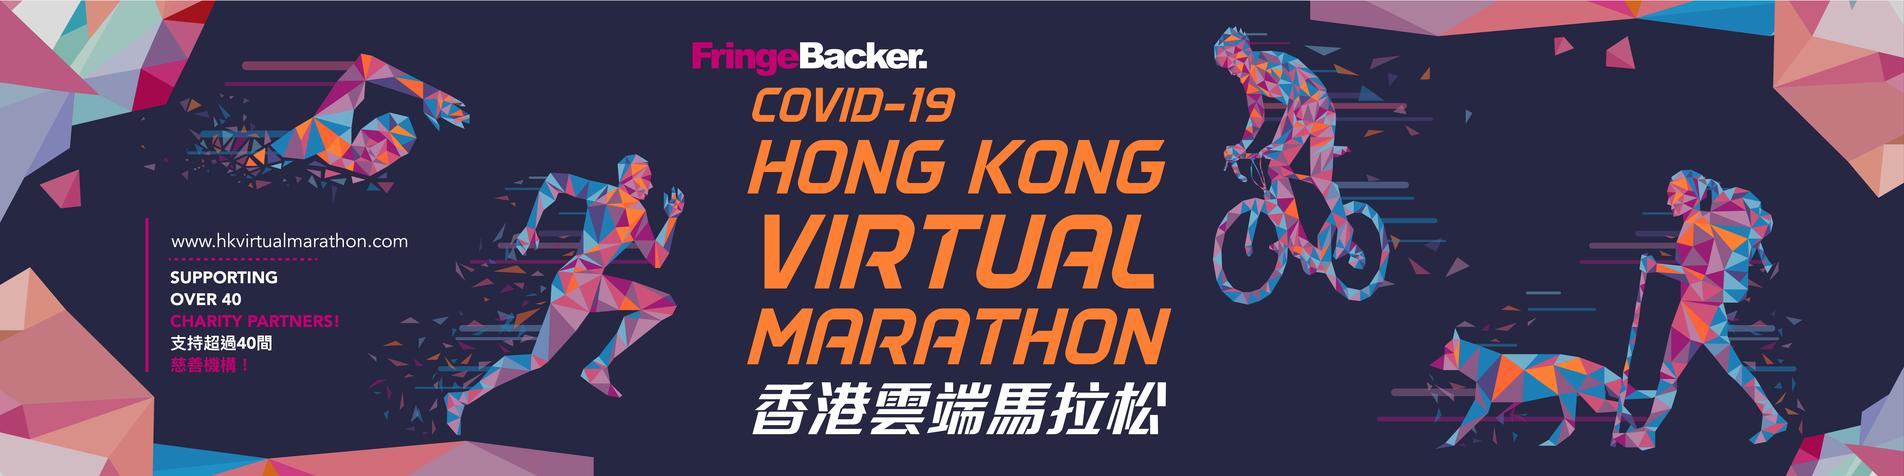 FringeBacker 籌款大使 FringeBacker COVID-19香港雲端馬拉松